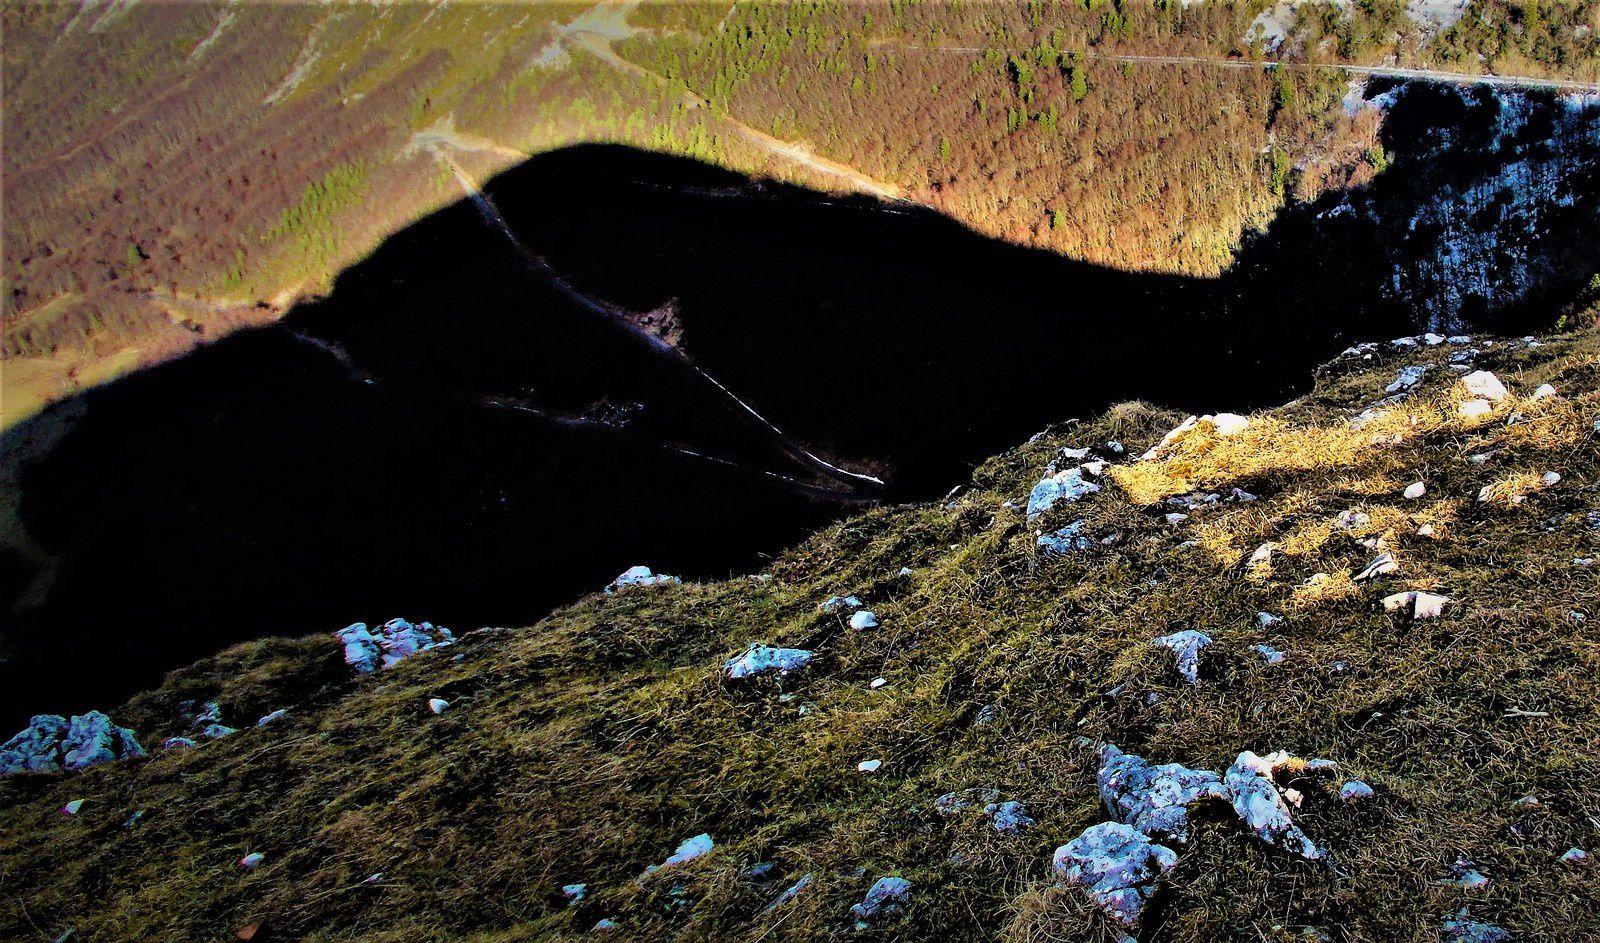 photos prises par Régis Roux le 31 décembre 2017 dans les Monts du matin depuis Pierre chauve.